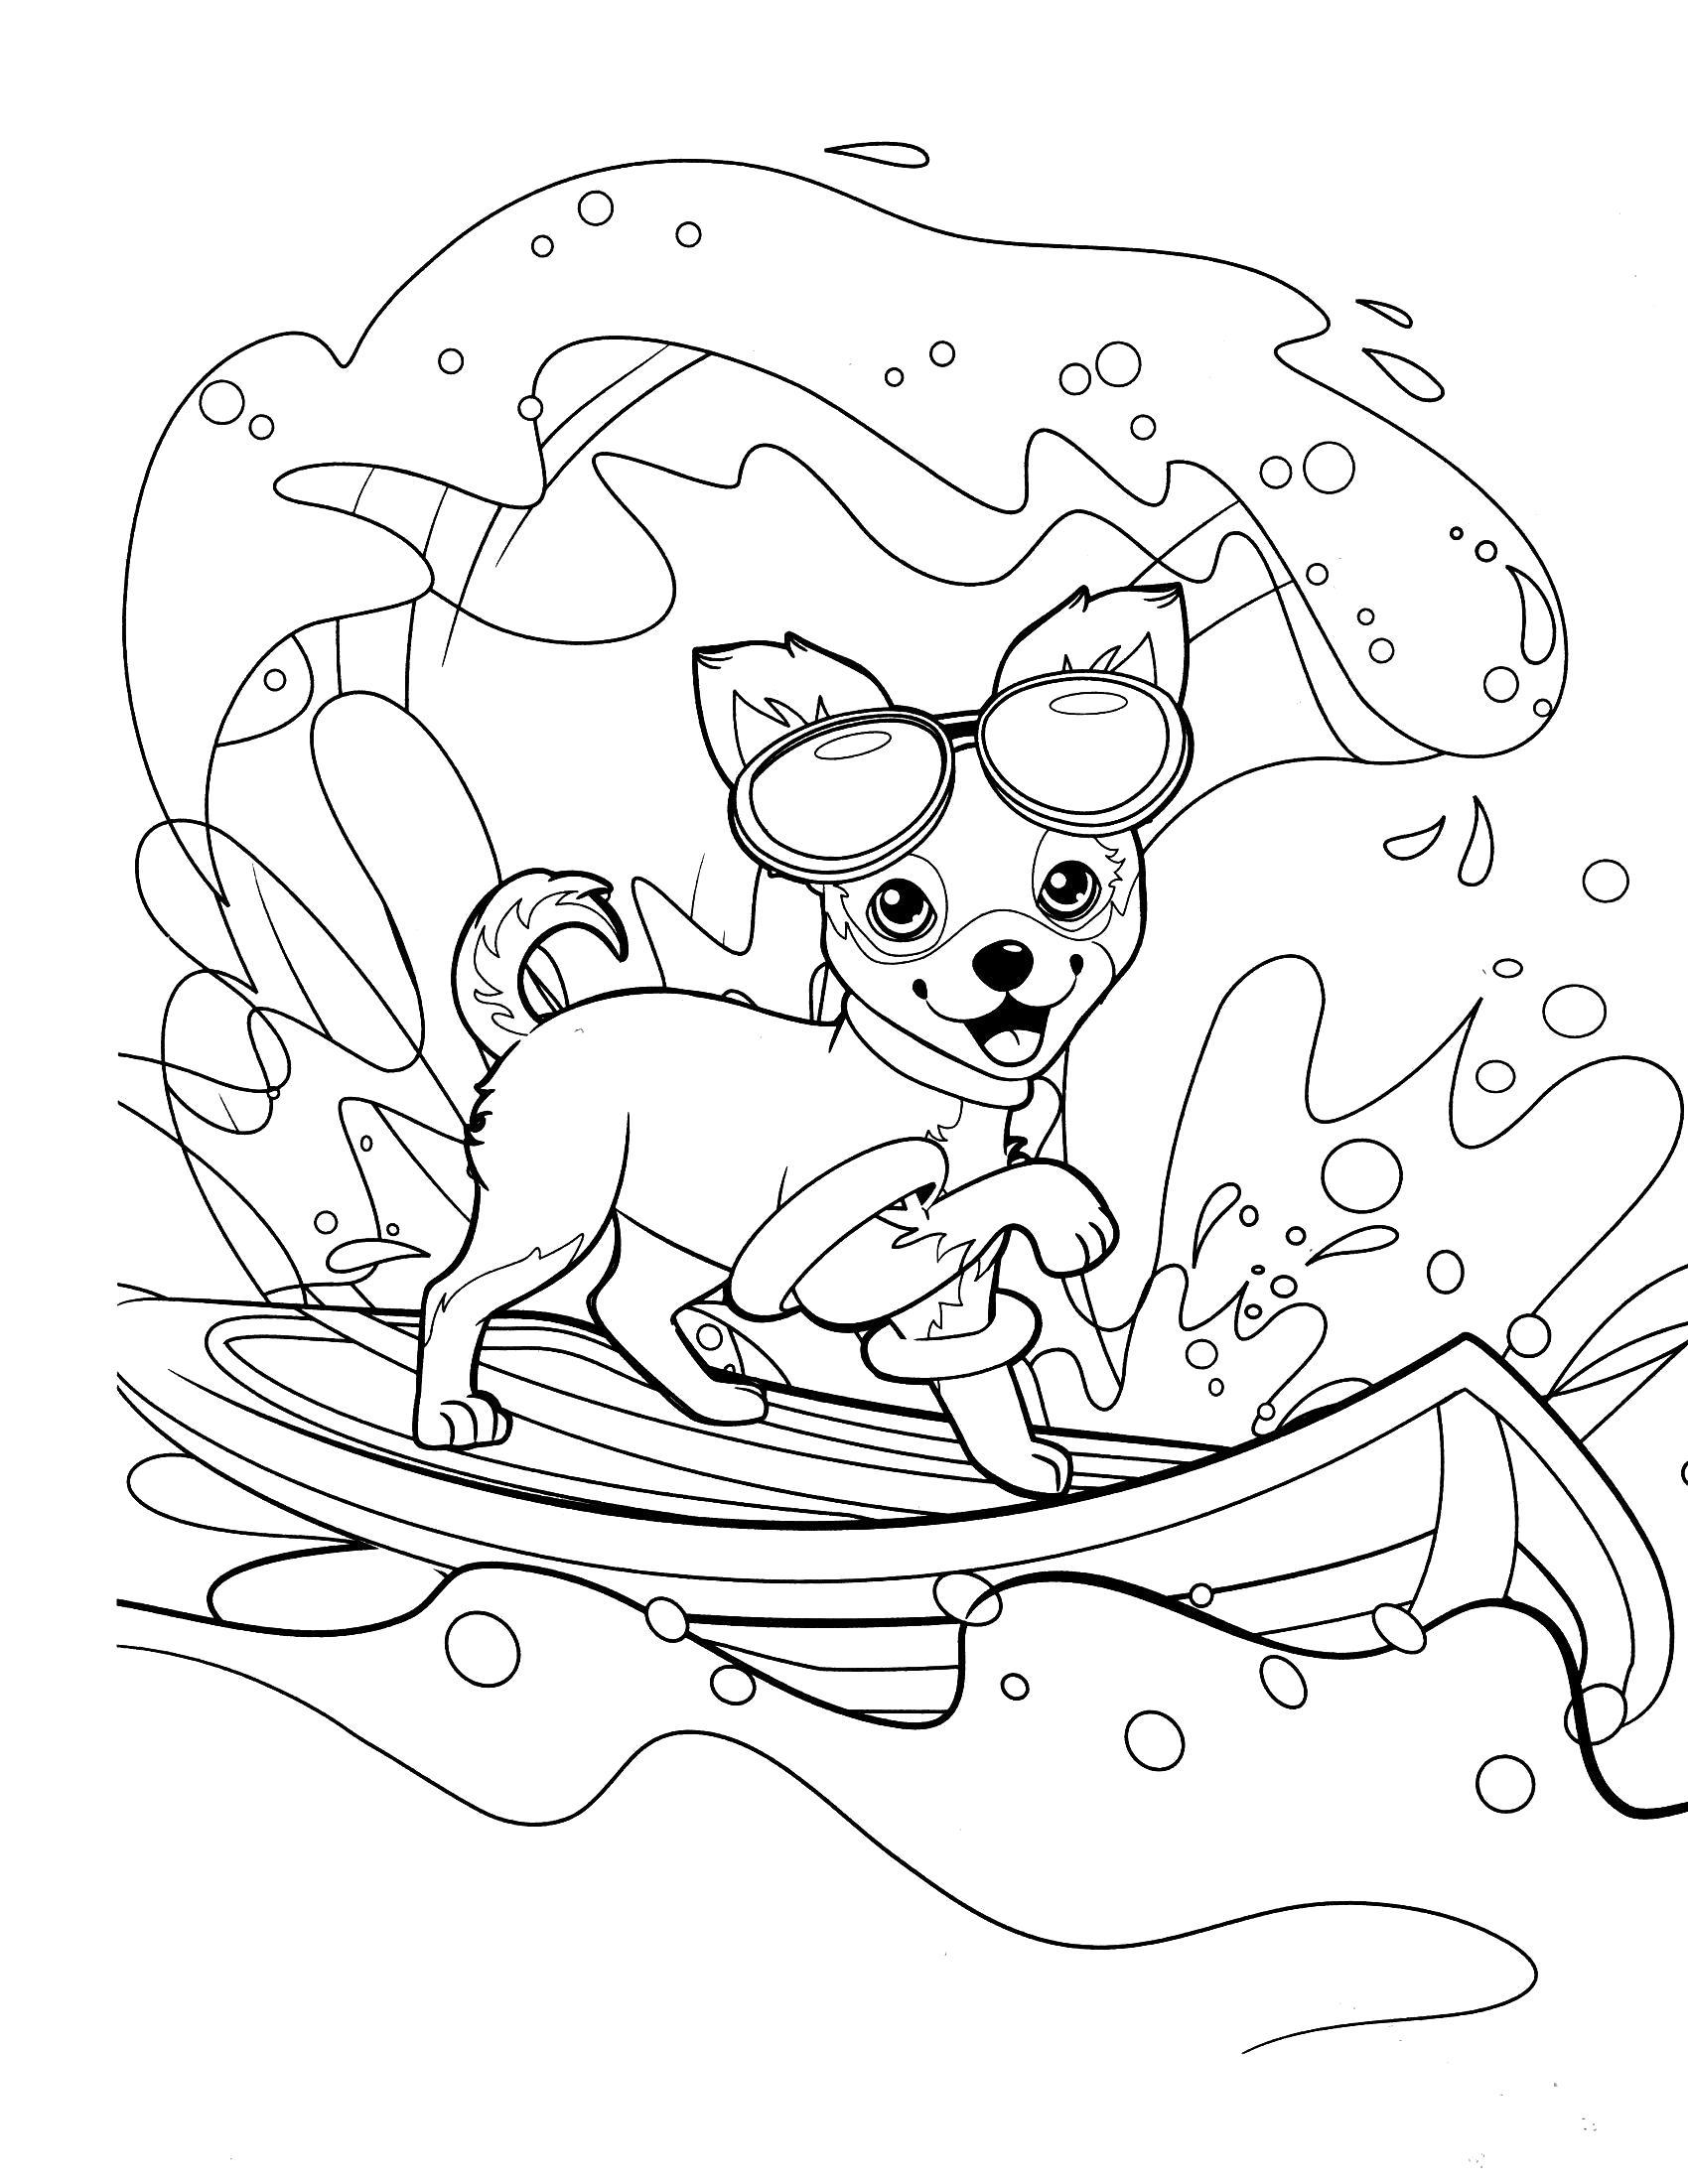 Раскраска Собачка Барби. Скачать барби.  Распечатать барби